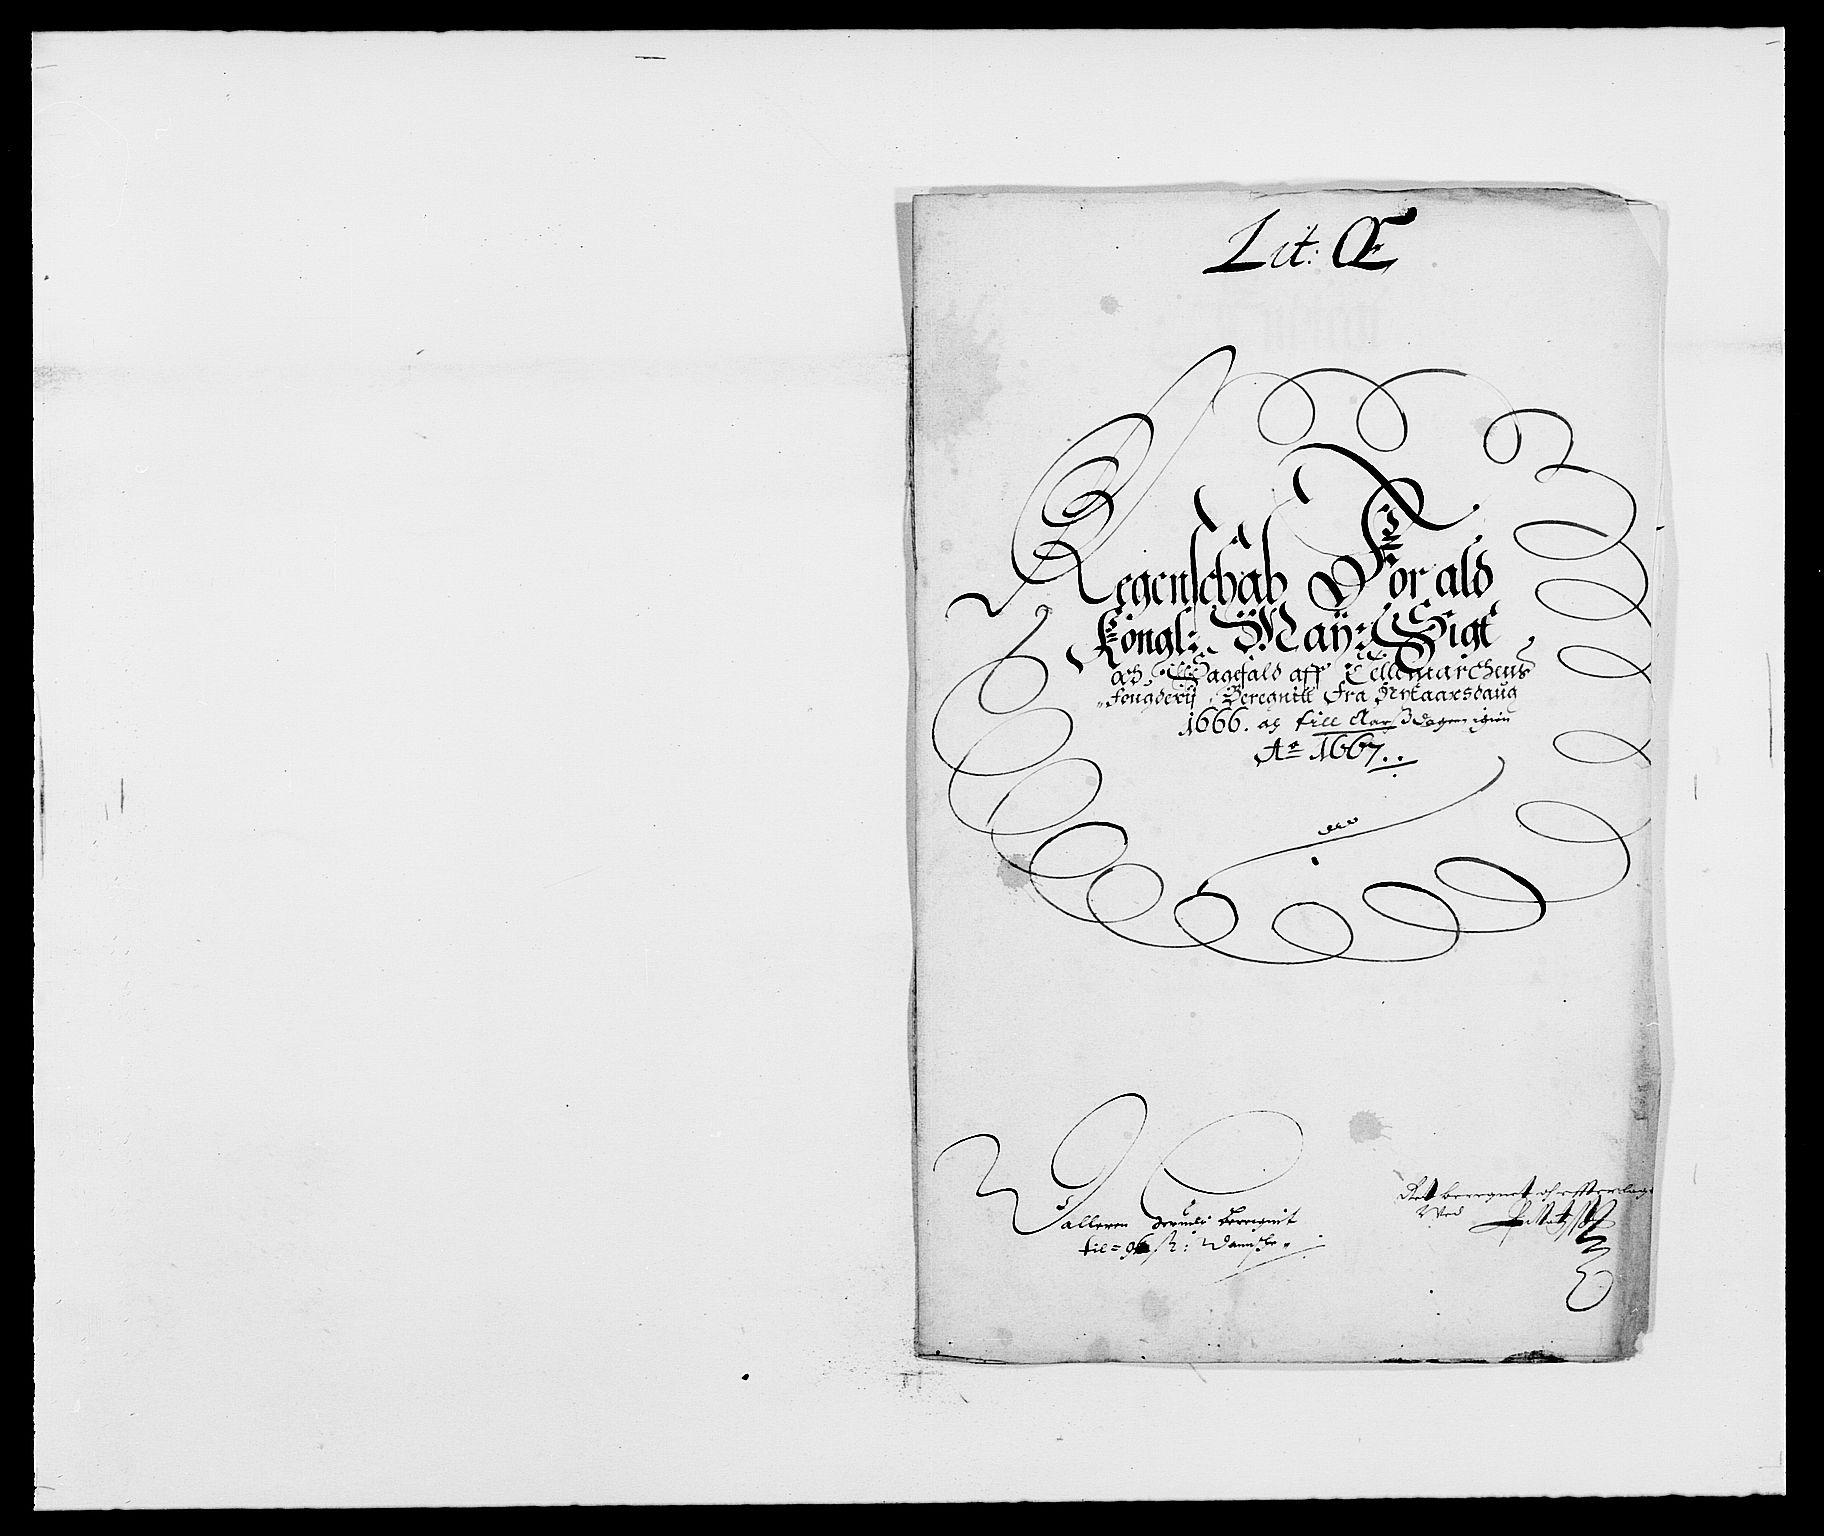 RA, Rentekammeret inntil 1814, Reviderte regnskaper, Fogderegnskap, R35/L2057: Fogderegnskap Øvre og Nedre Telemark, 1666-1667, s. 253